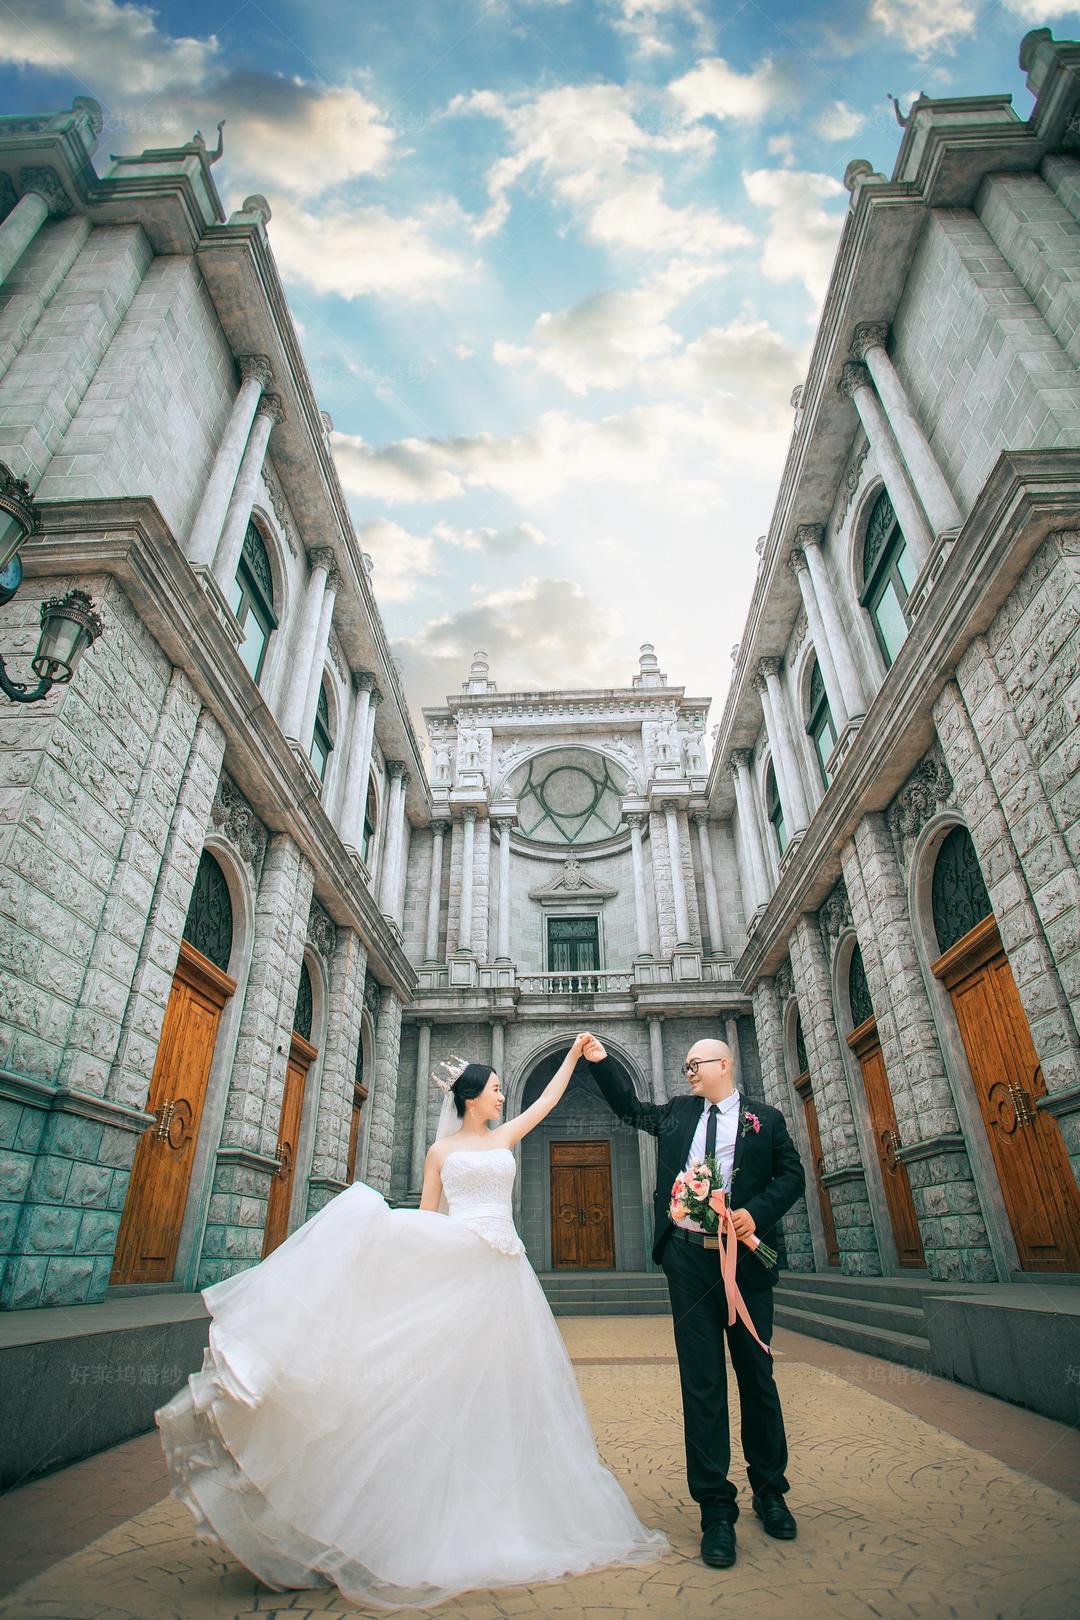 谢岗婚纱照哪家拍的好,找谢岗婚纱摄影,来好莱坞婚纱摄影工作室